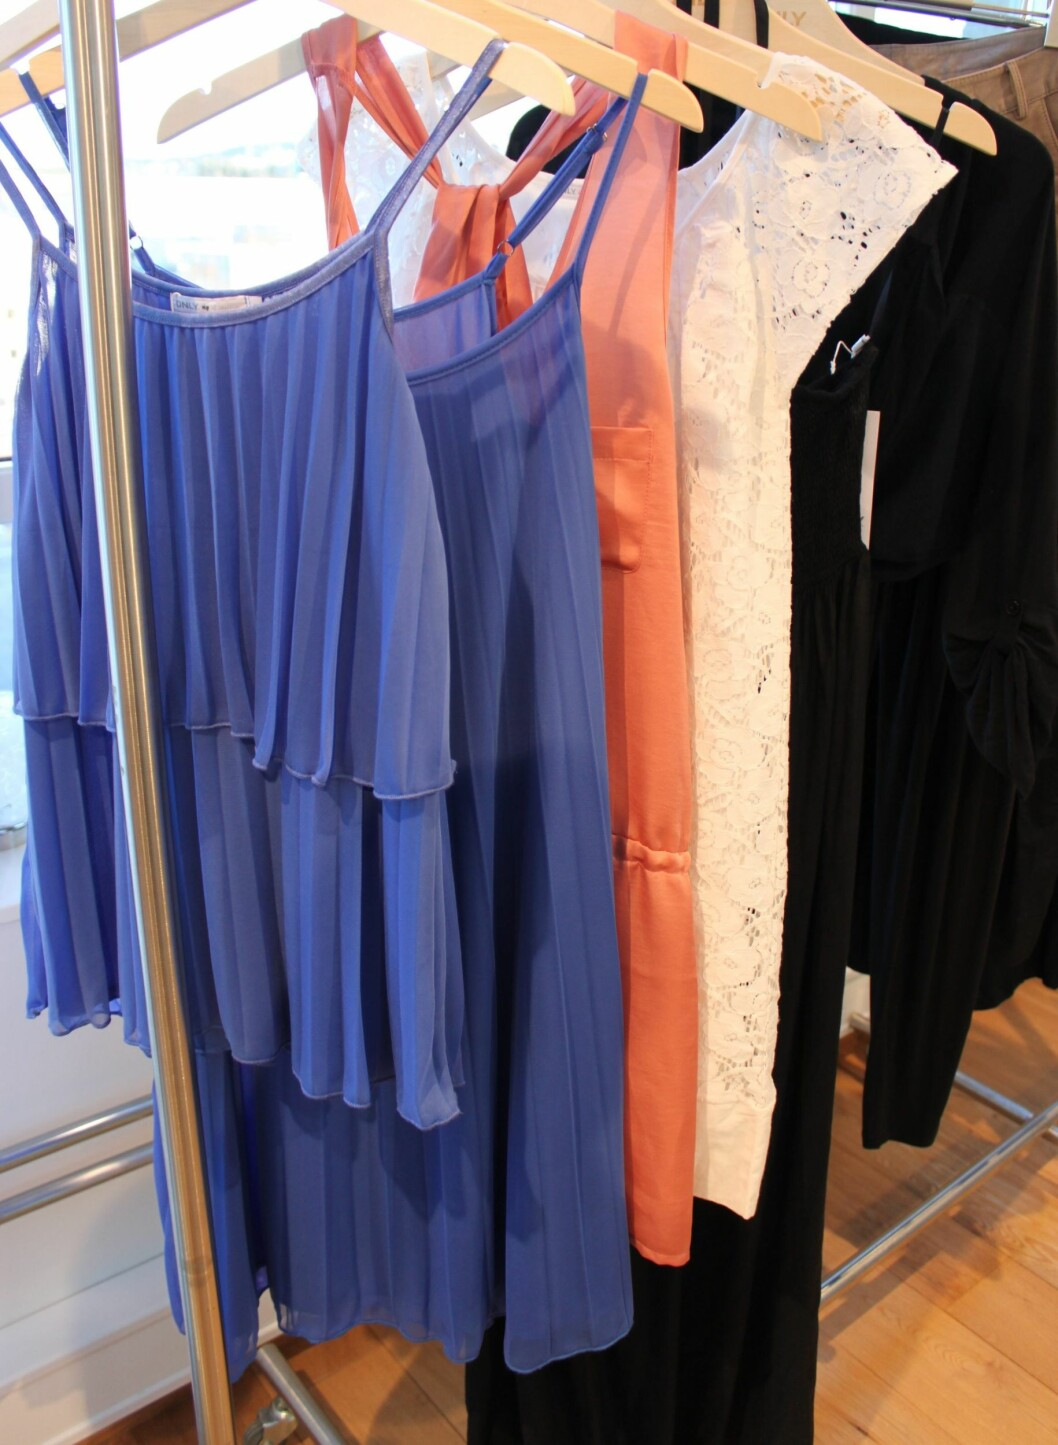 Blå plissétopp og -kjole. Foto: Aina Kristiansen